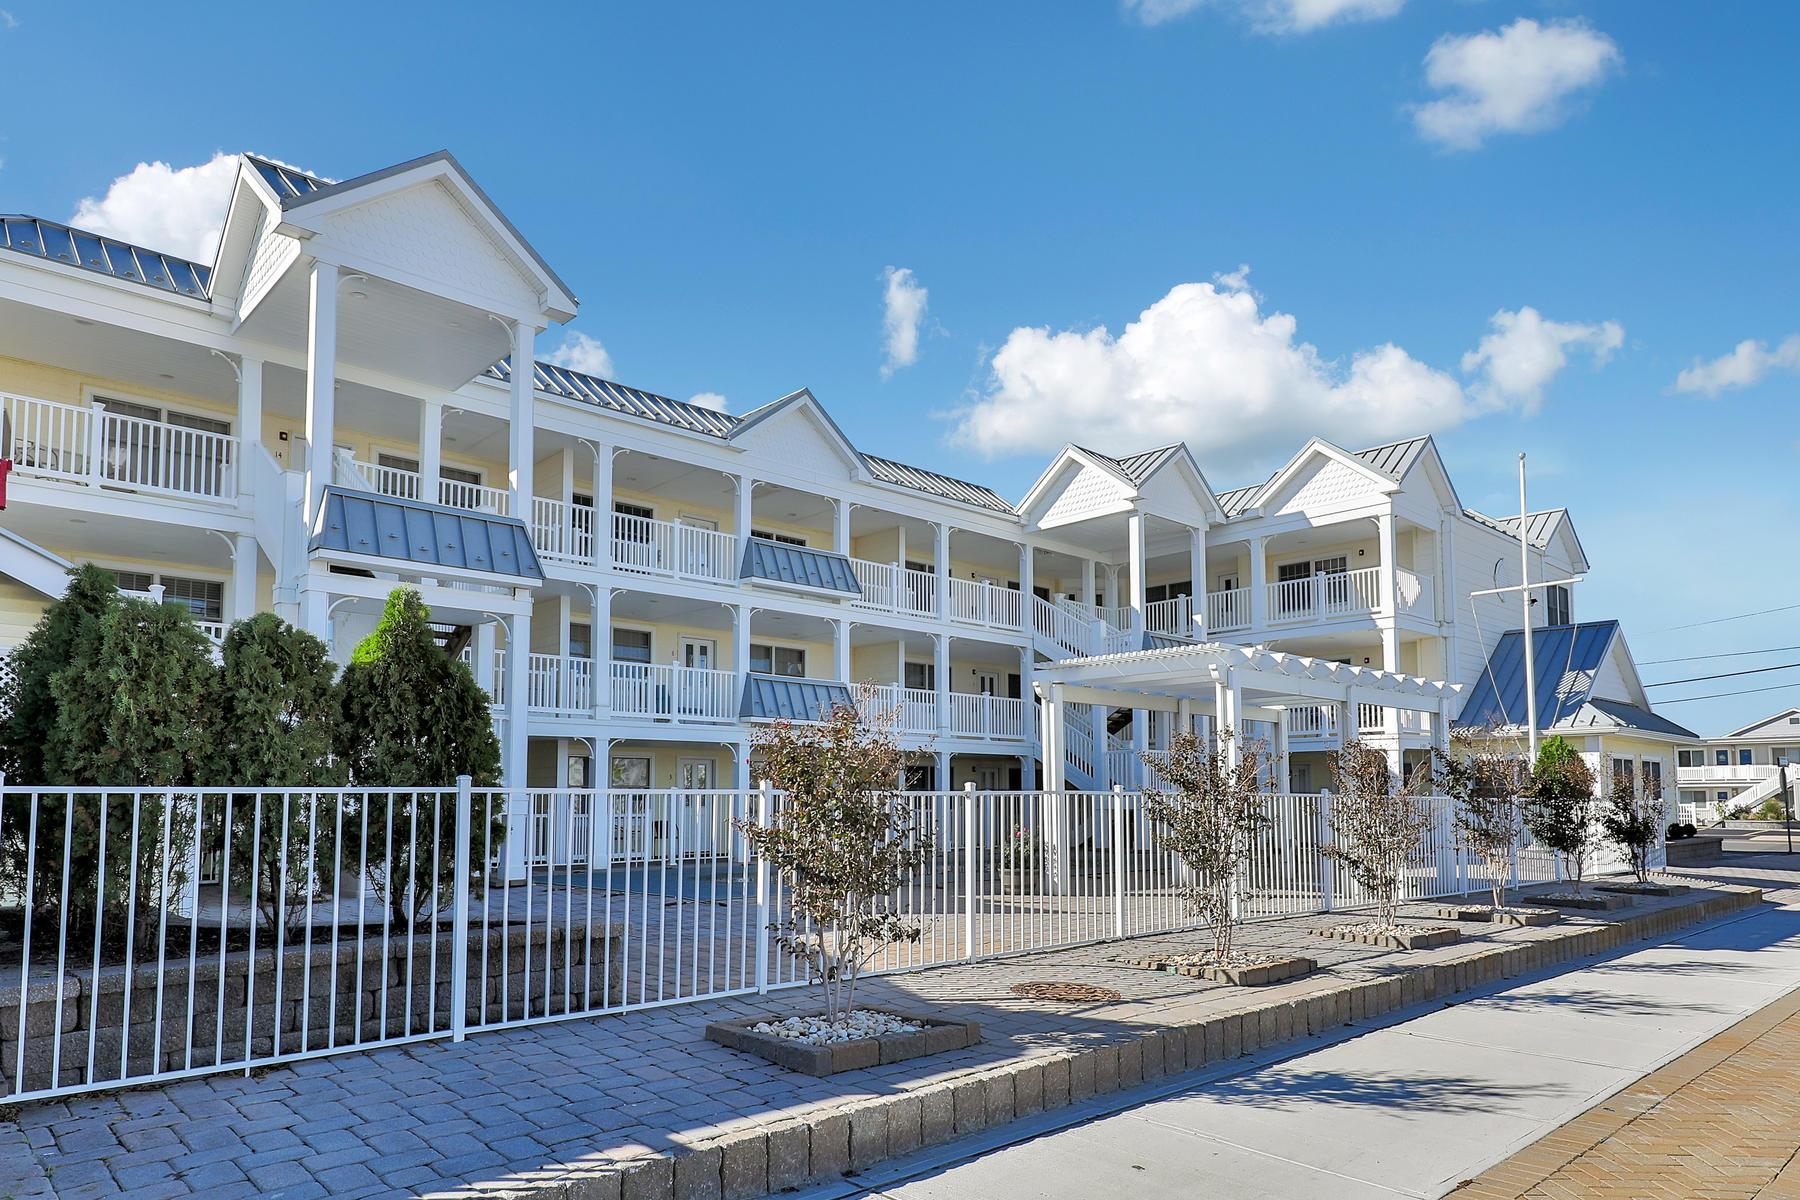 Condominium for Sale at Beautiful Summerhaven Condo 2400 Grand Central Avenue,Unit #11 Lavallette, New Jersey, 08735 United States